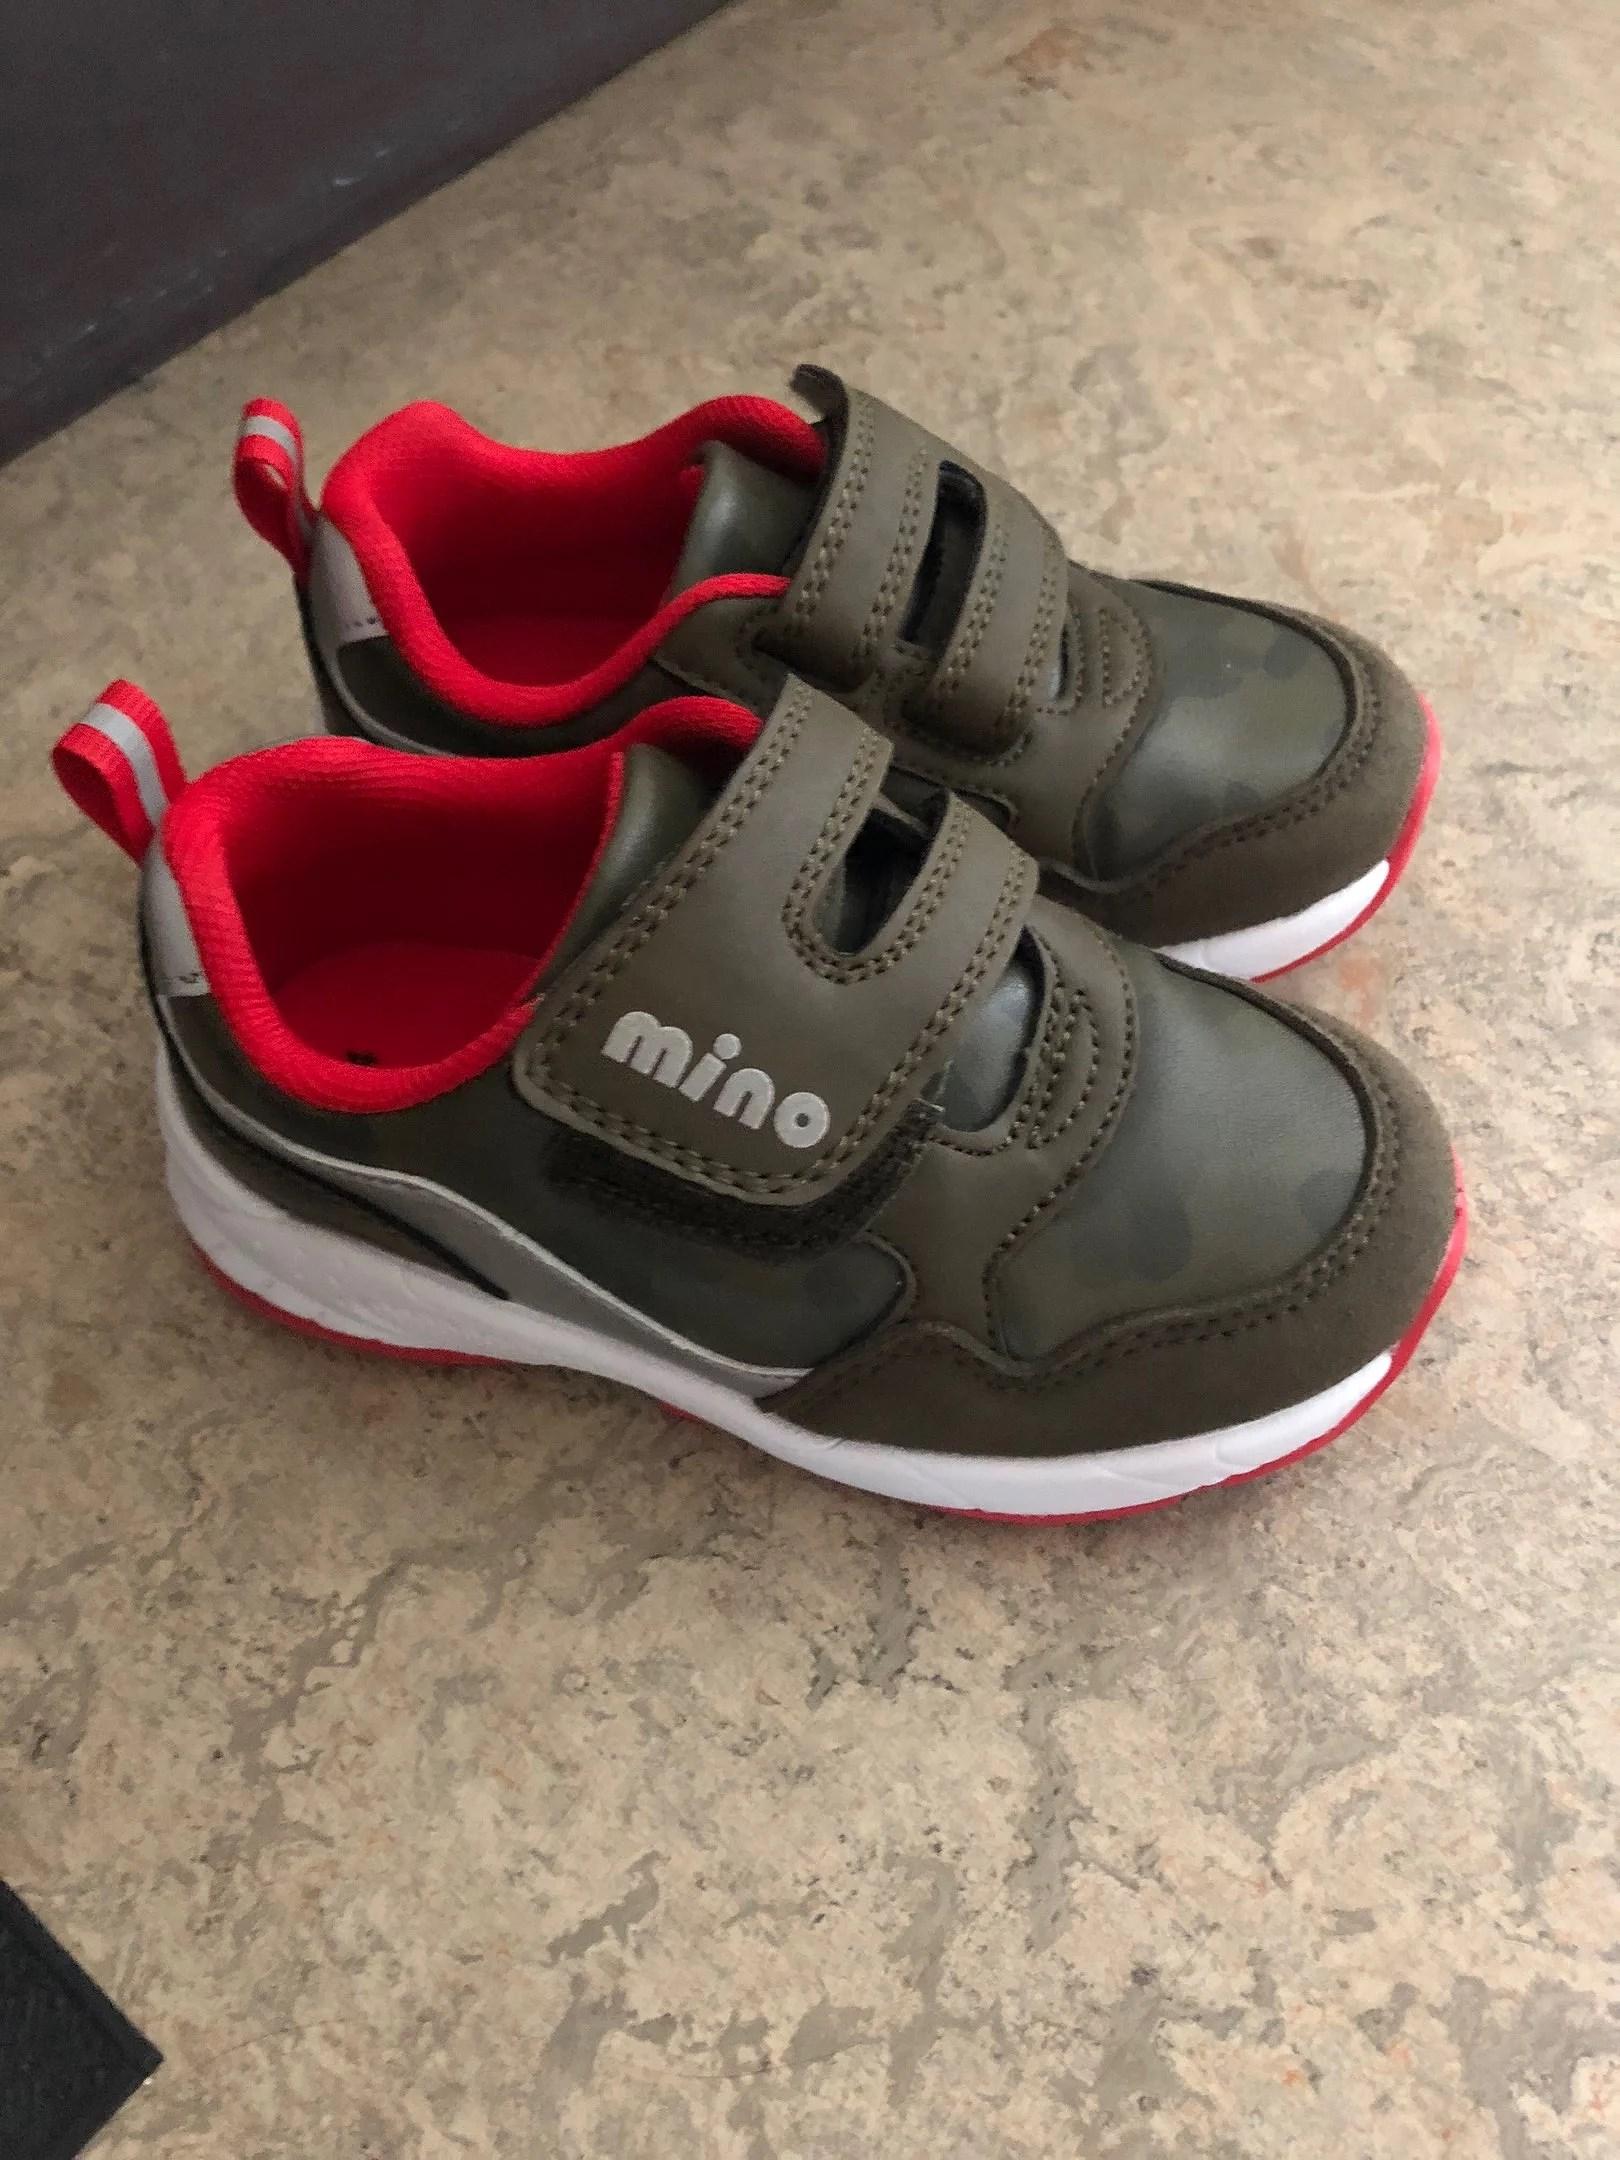 Nya skor och början till feber?